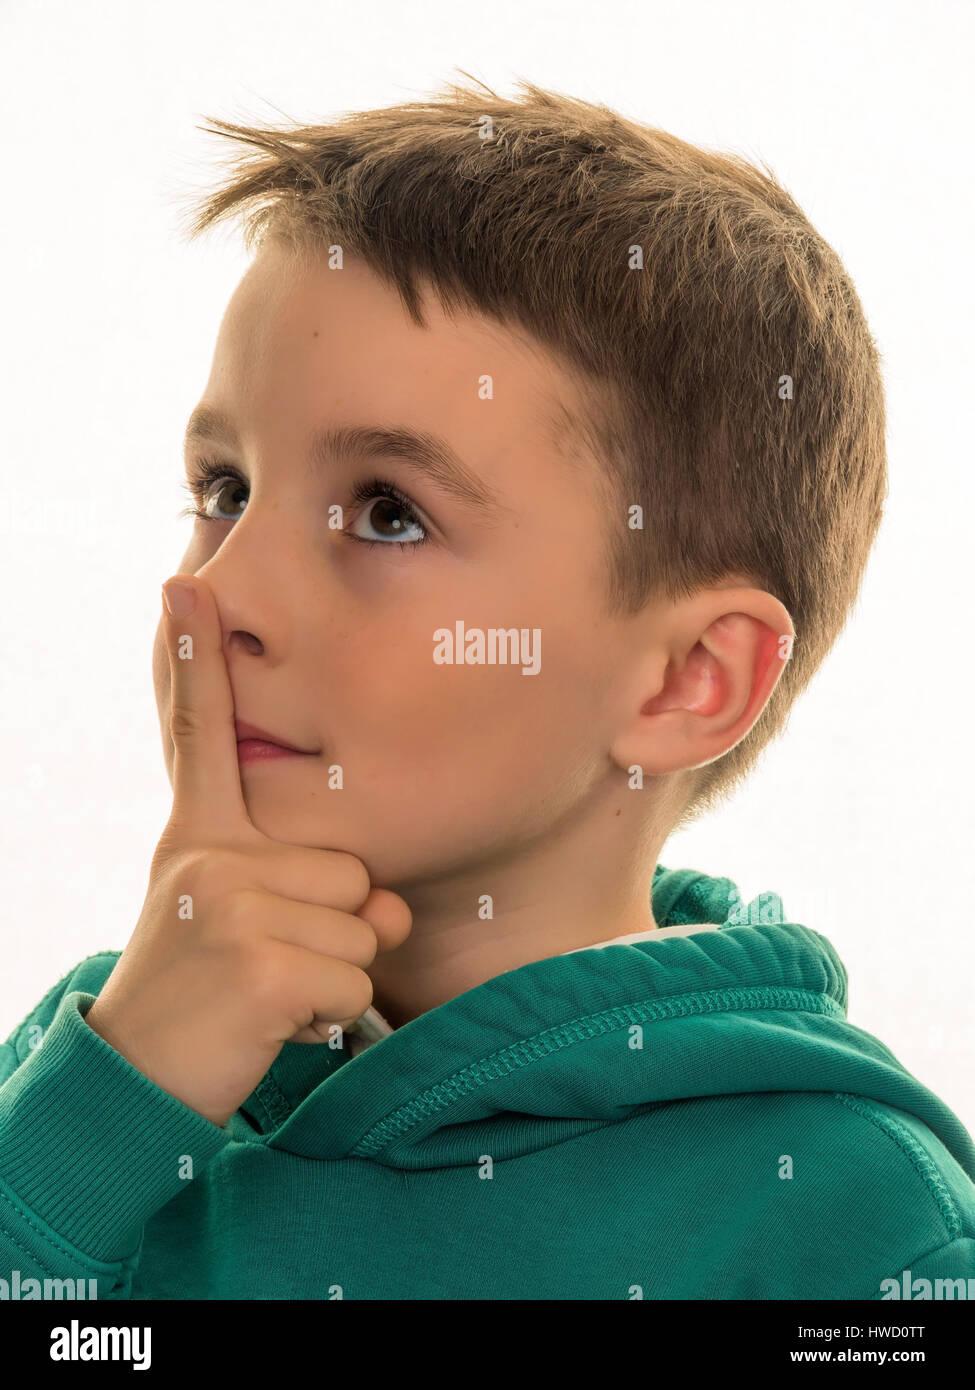 A boy thinks. Pensive or curious child., Ein Bub denkt nach. Nachdenkliches oder neugieriges Kind. Stock Photo